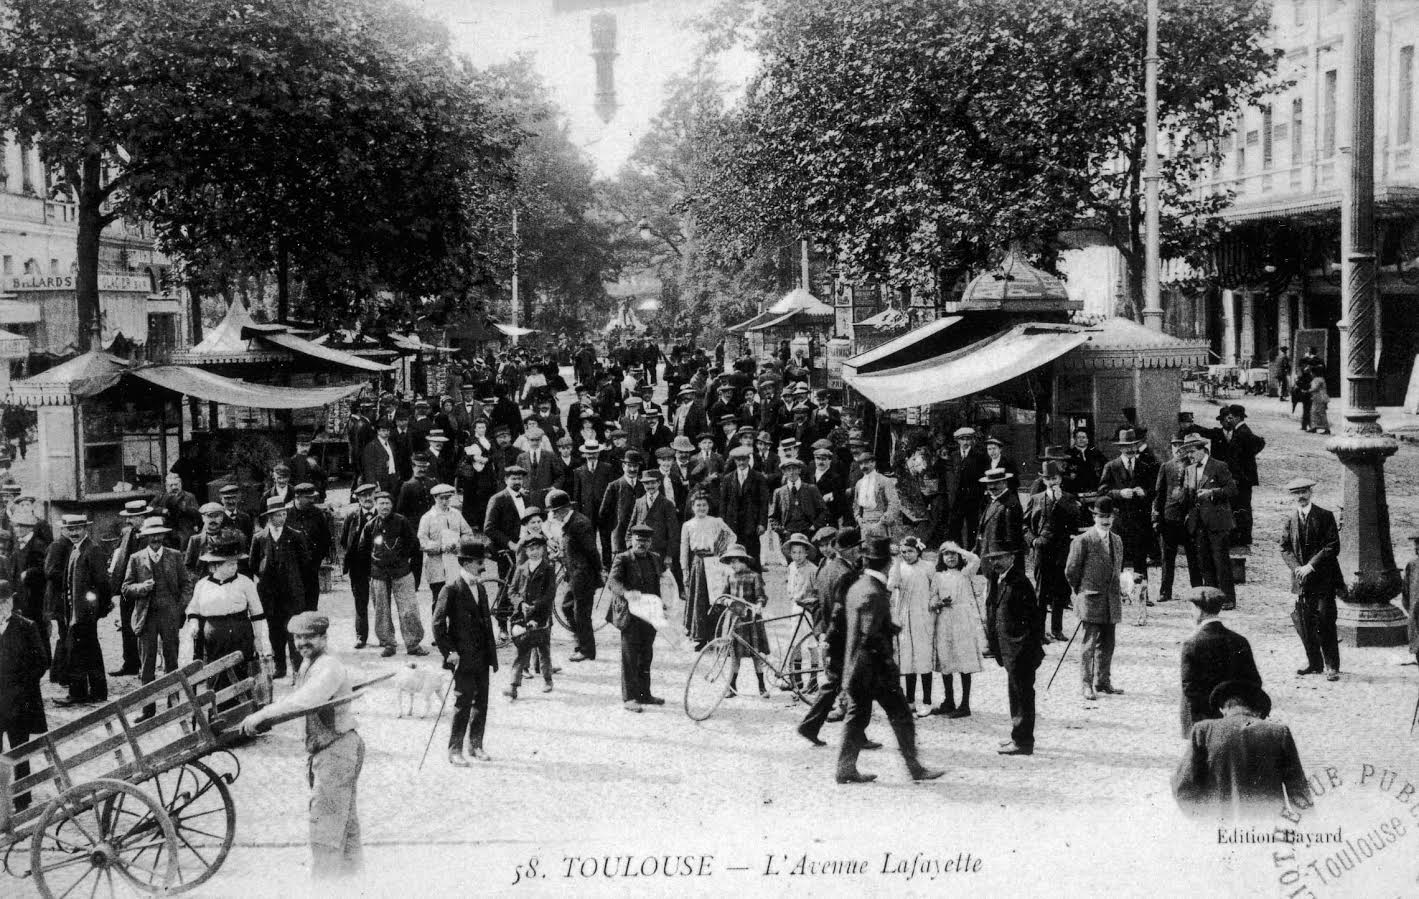 L'avenue Lafayette (Jaurès)